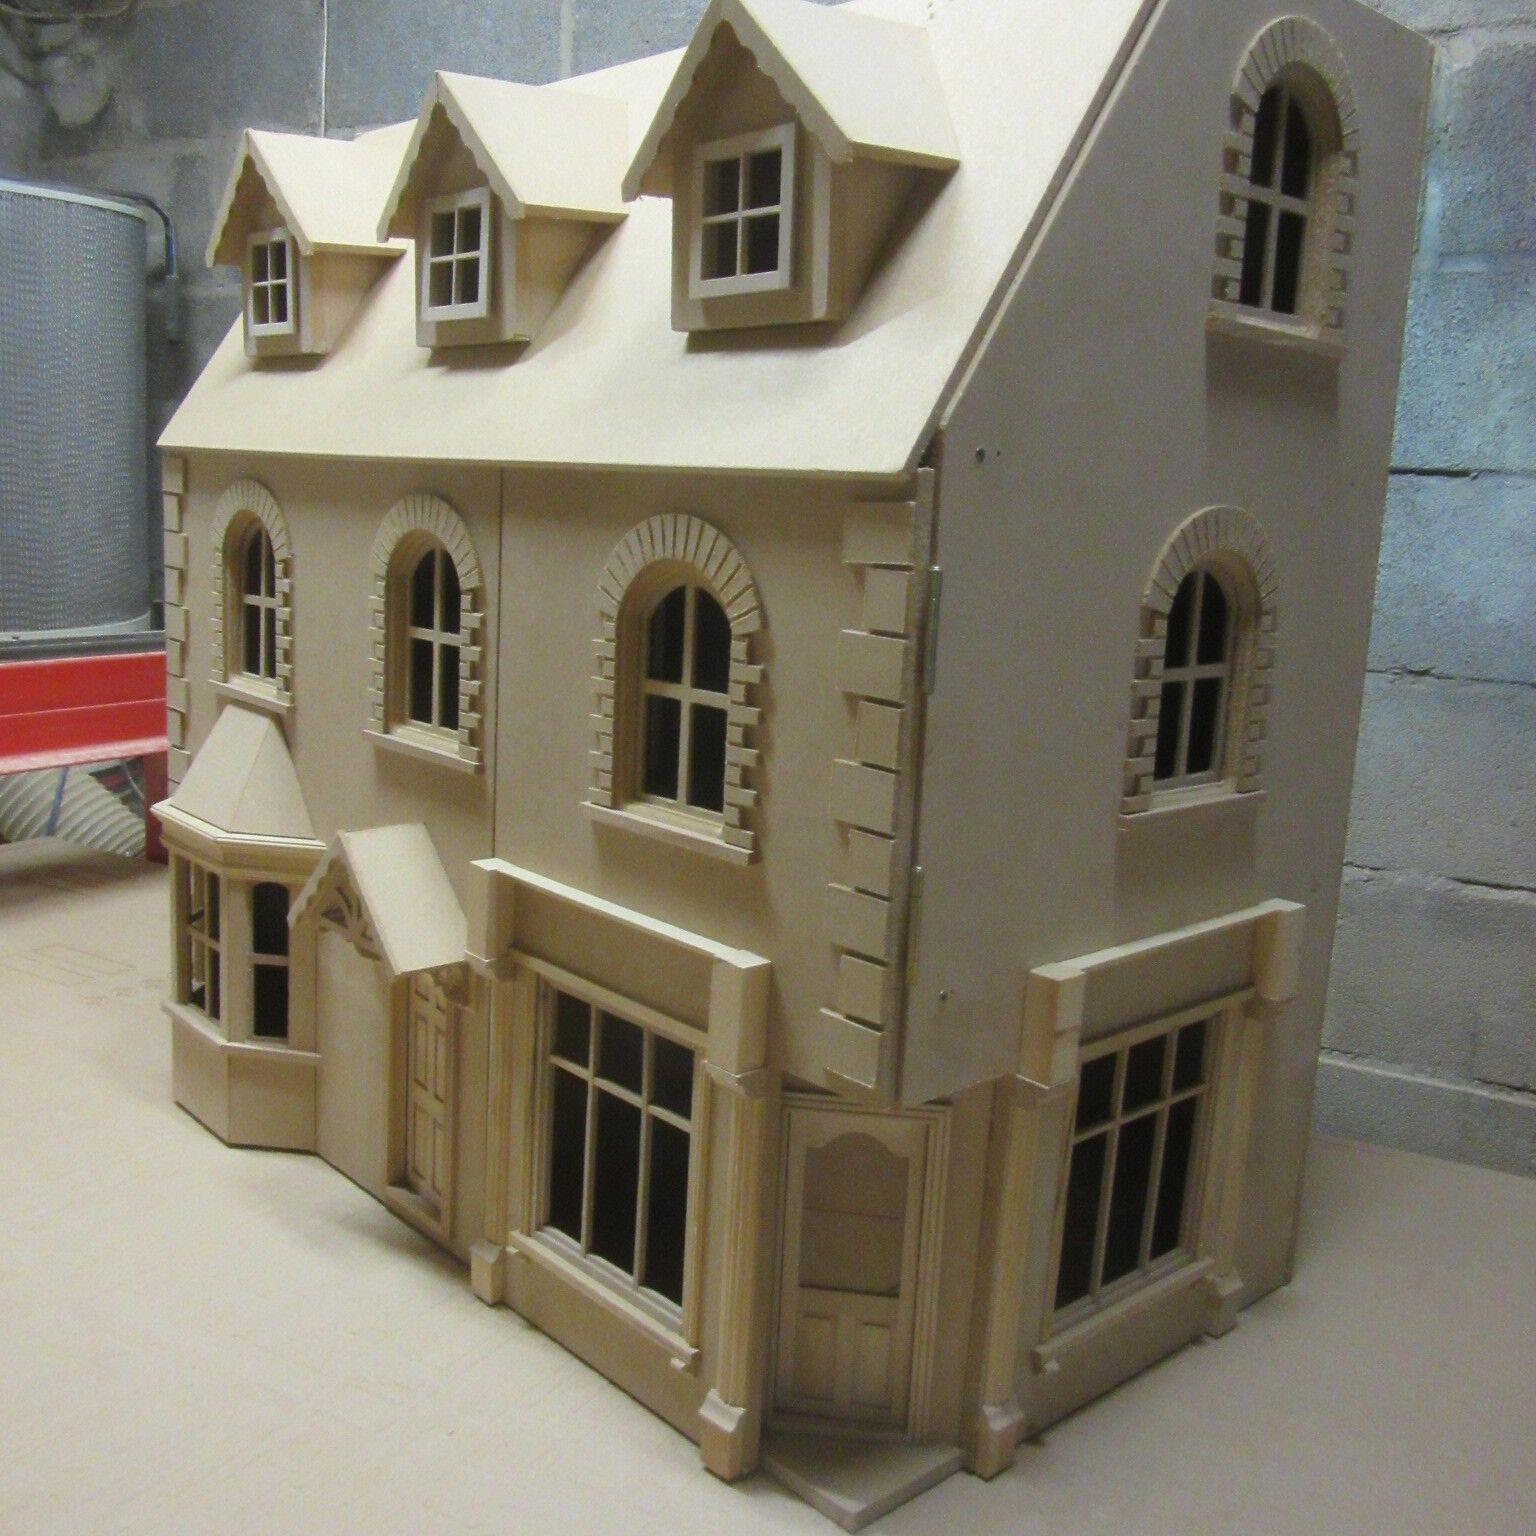 Casa De Muñecas la Newbury tienda de la esquina pub con 5 habitaciones Kit por encima de 30  de ancho